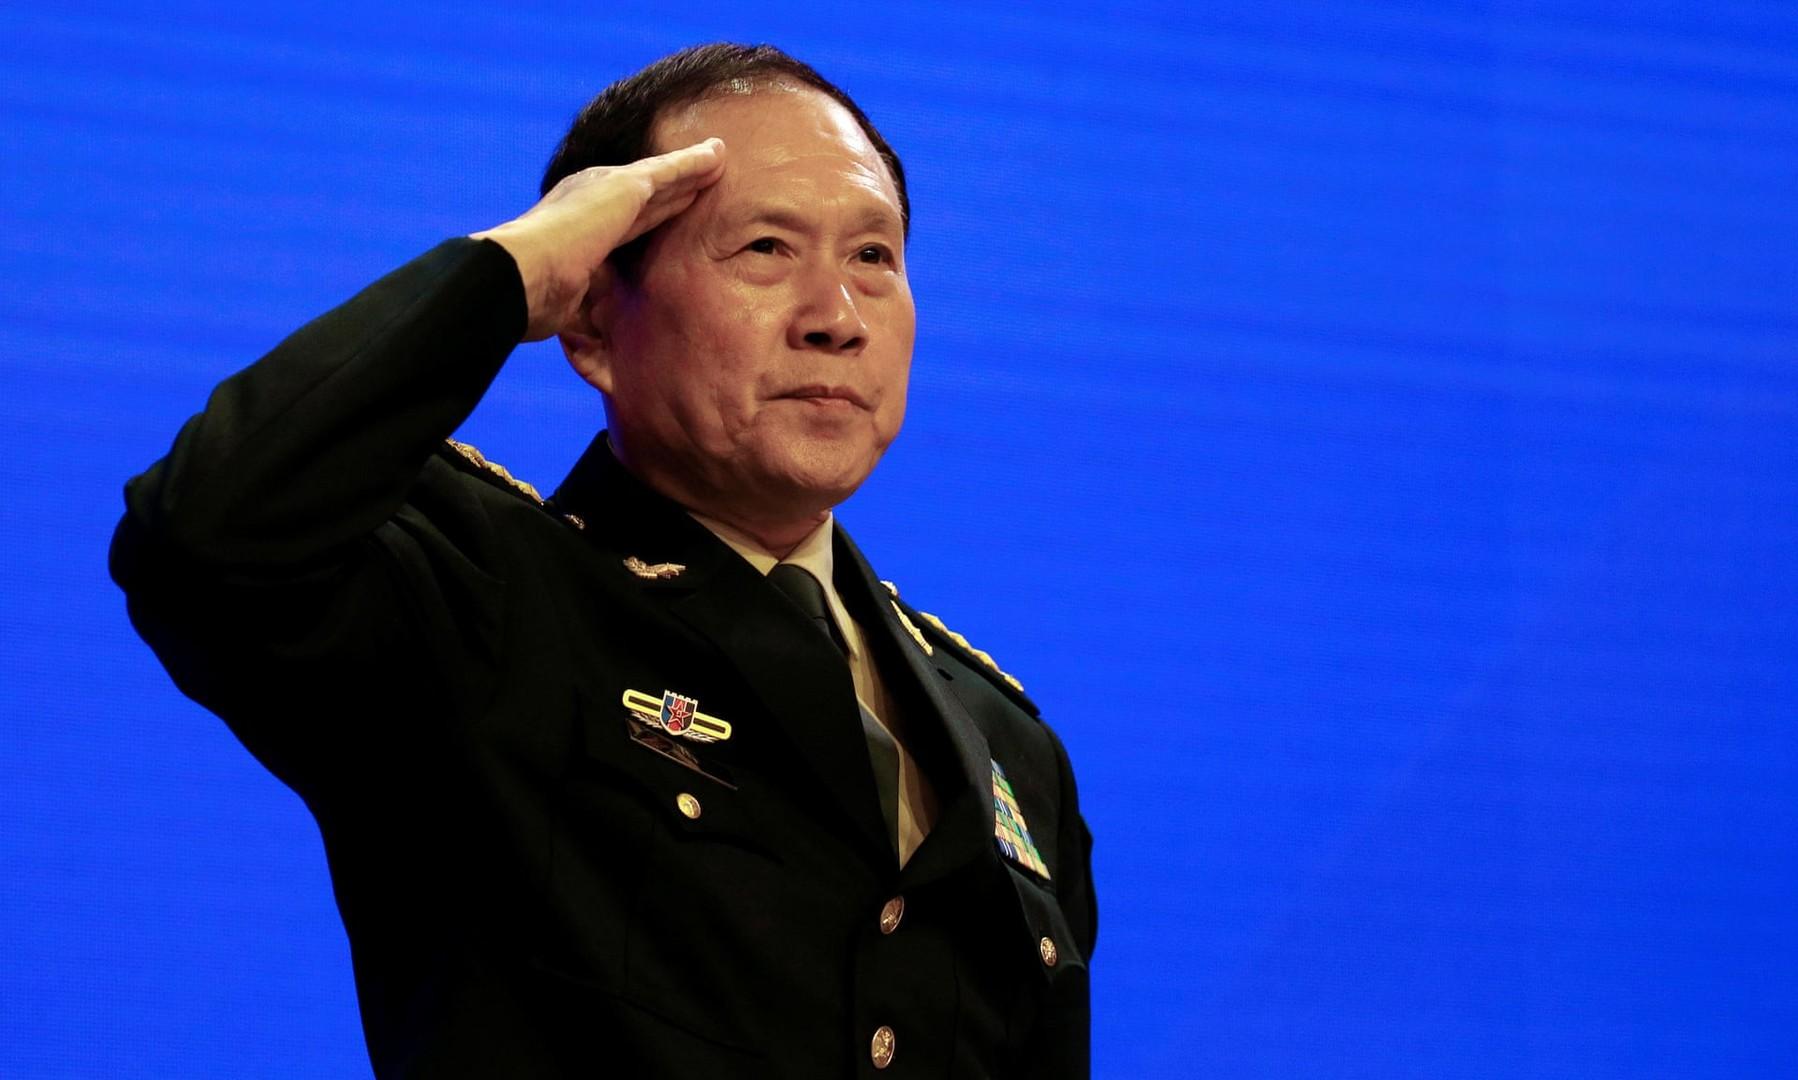 وزير دفاع الصين: أي حرب بين واشنطن وبكين ستكون كارثة وسنقاتل حتى النهاية